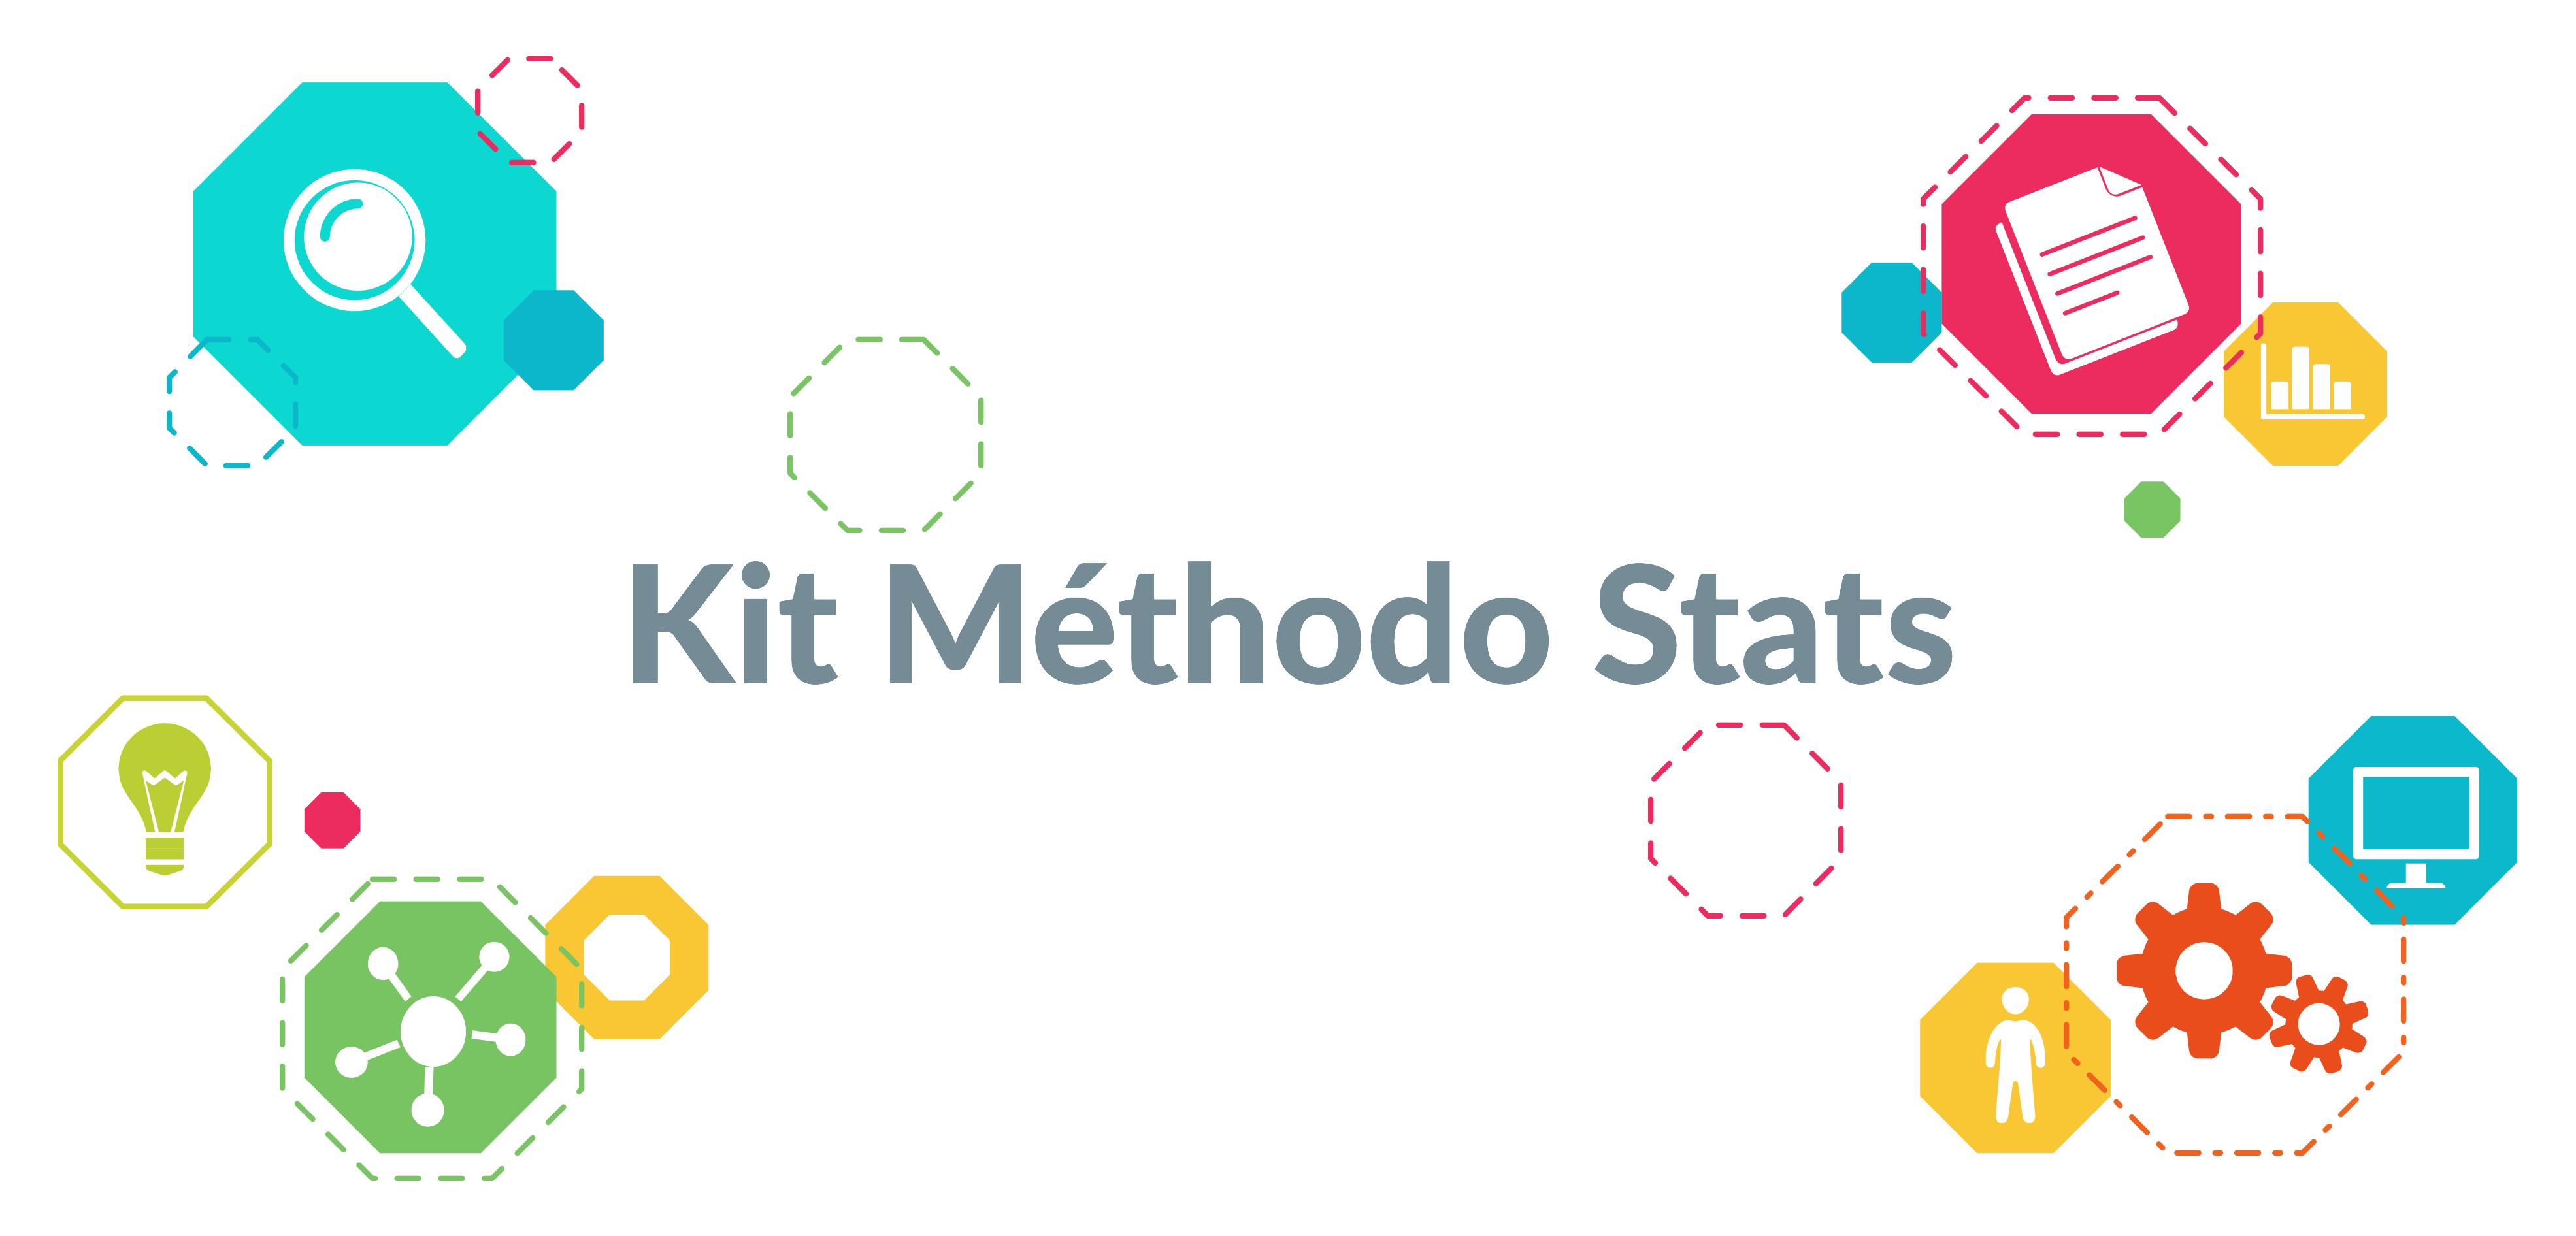 kit_methodo_stats.png